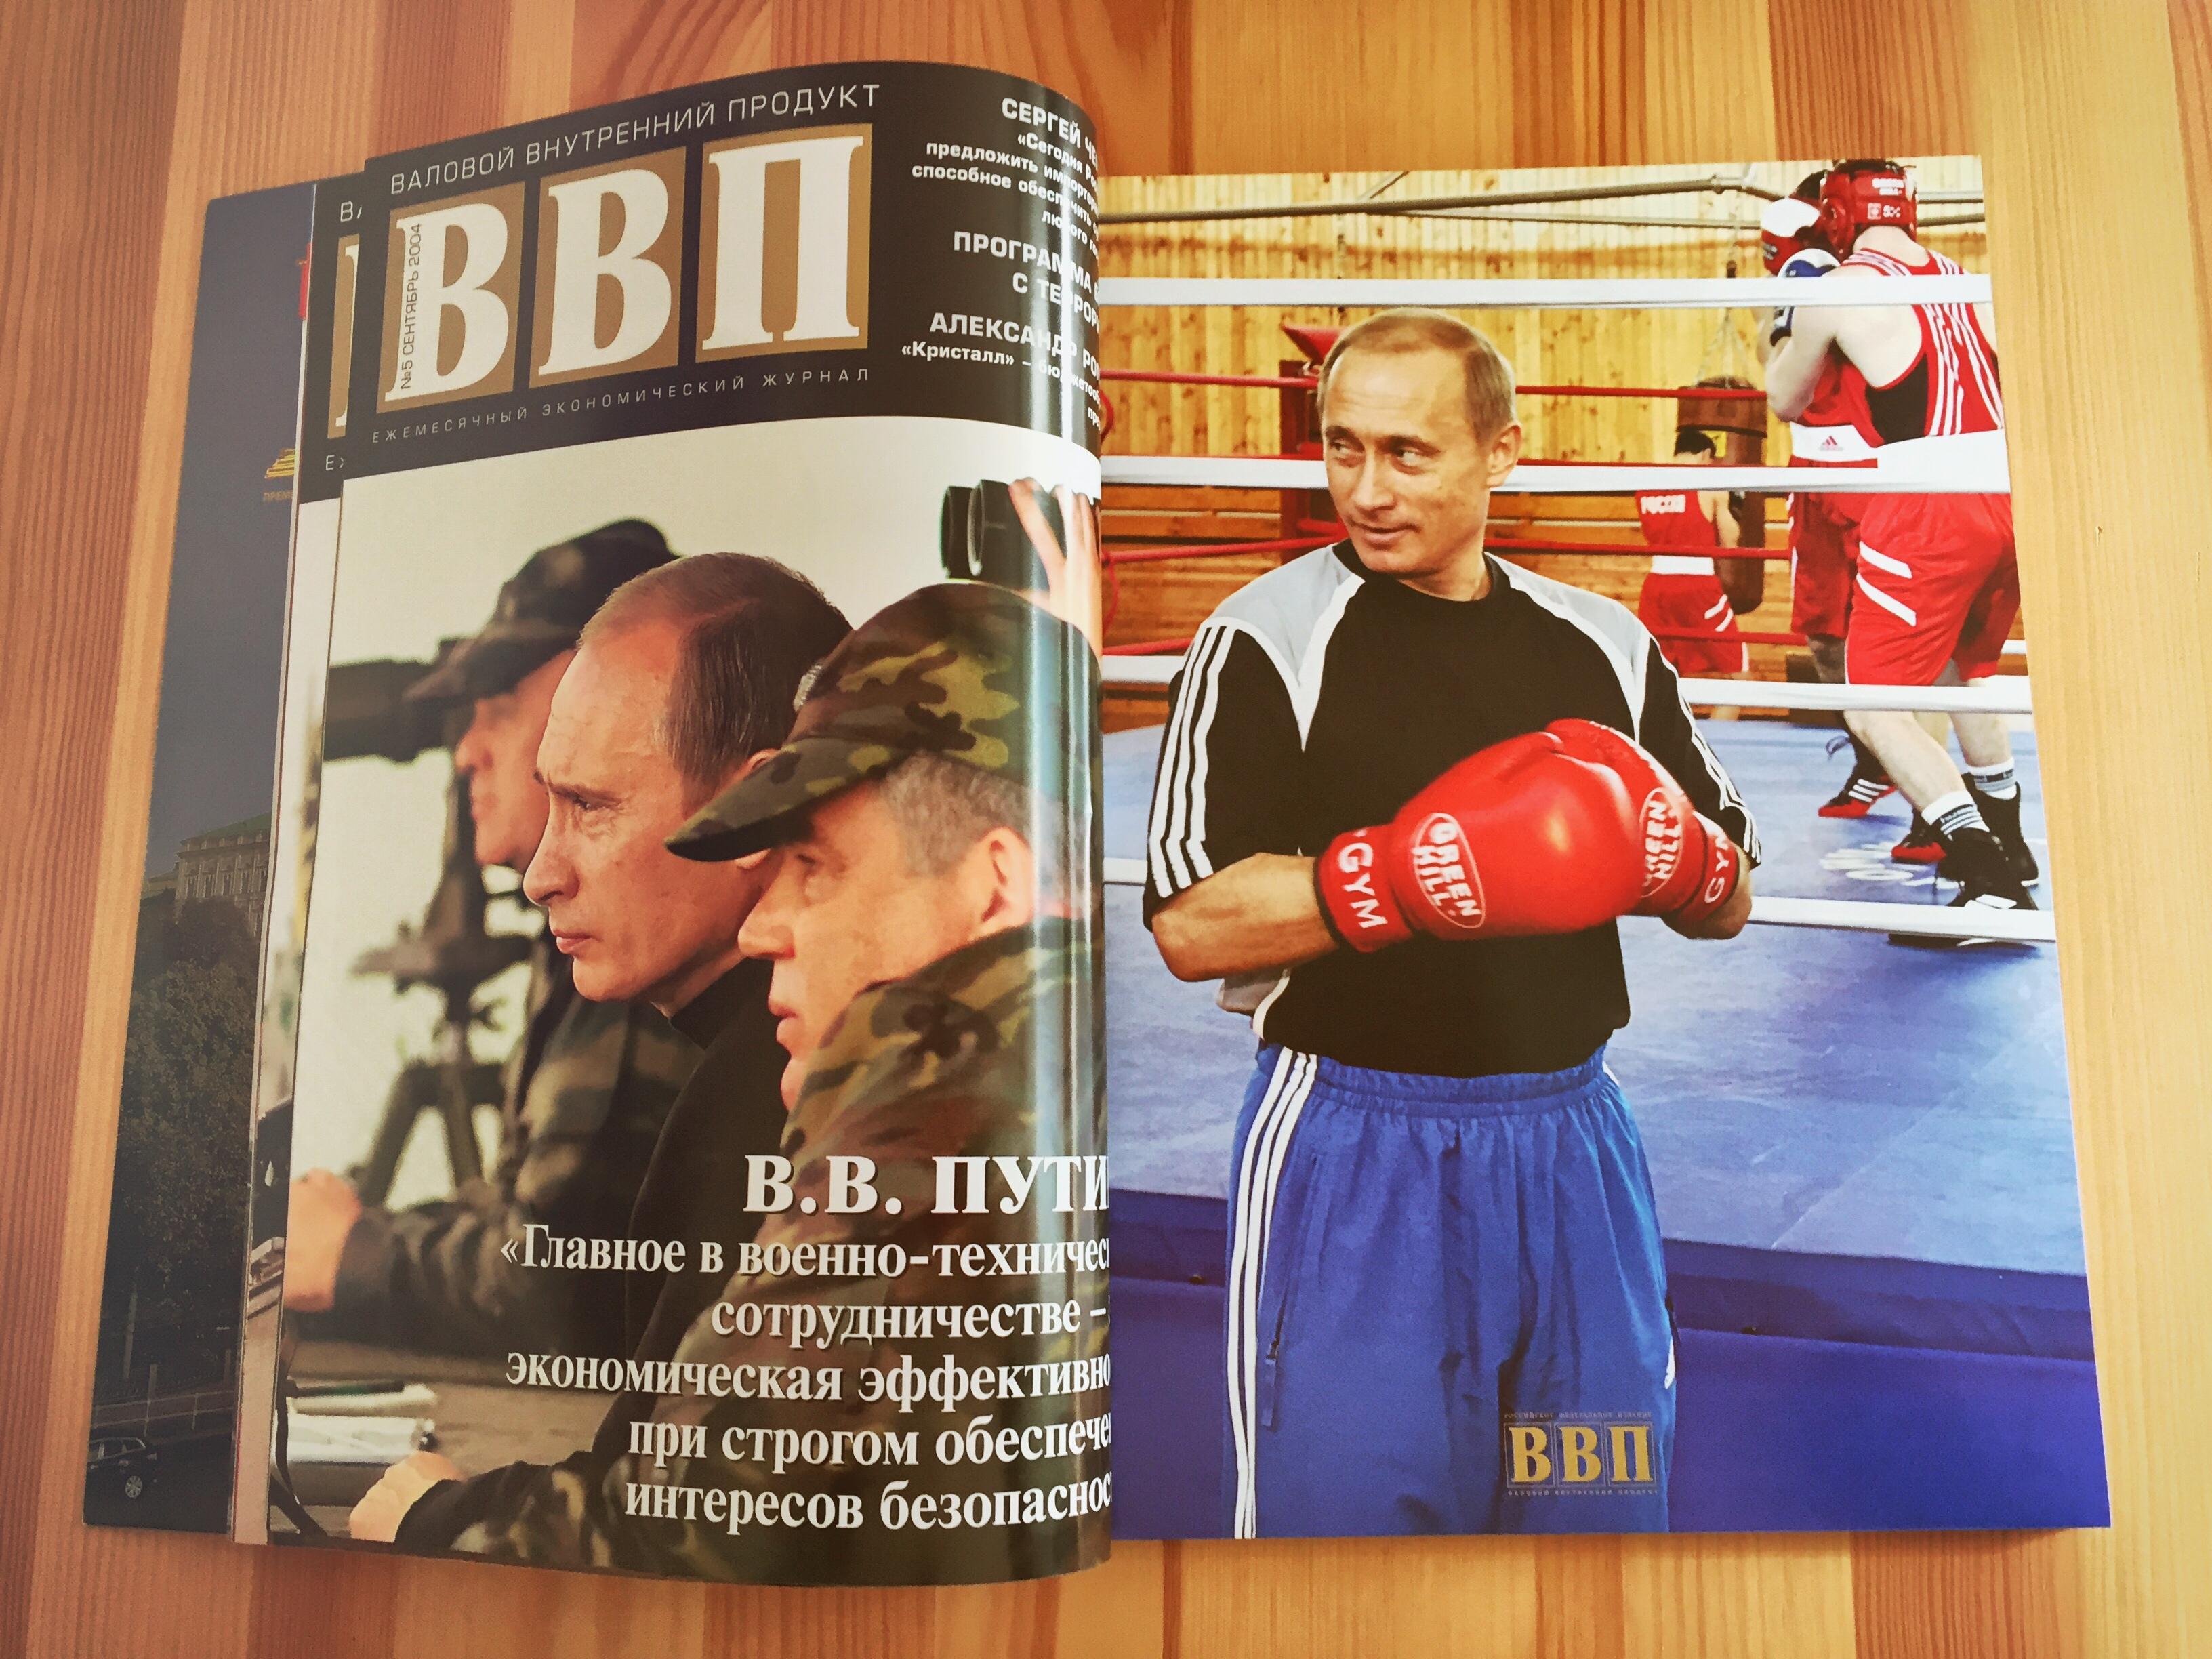 kscheib Putin der Woche Boxer